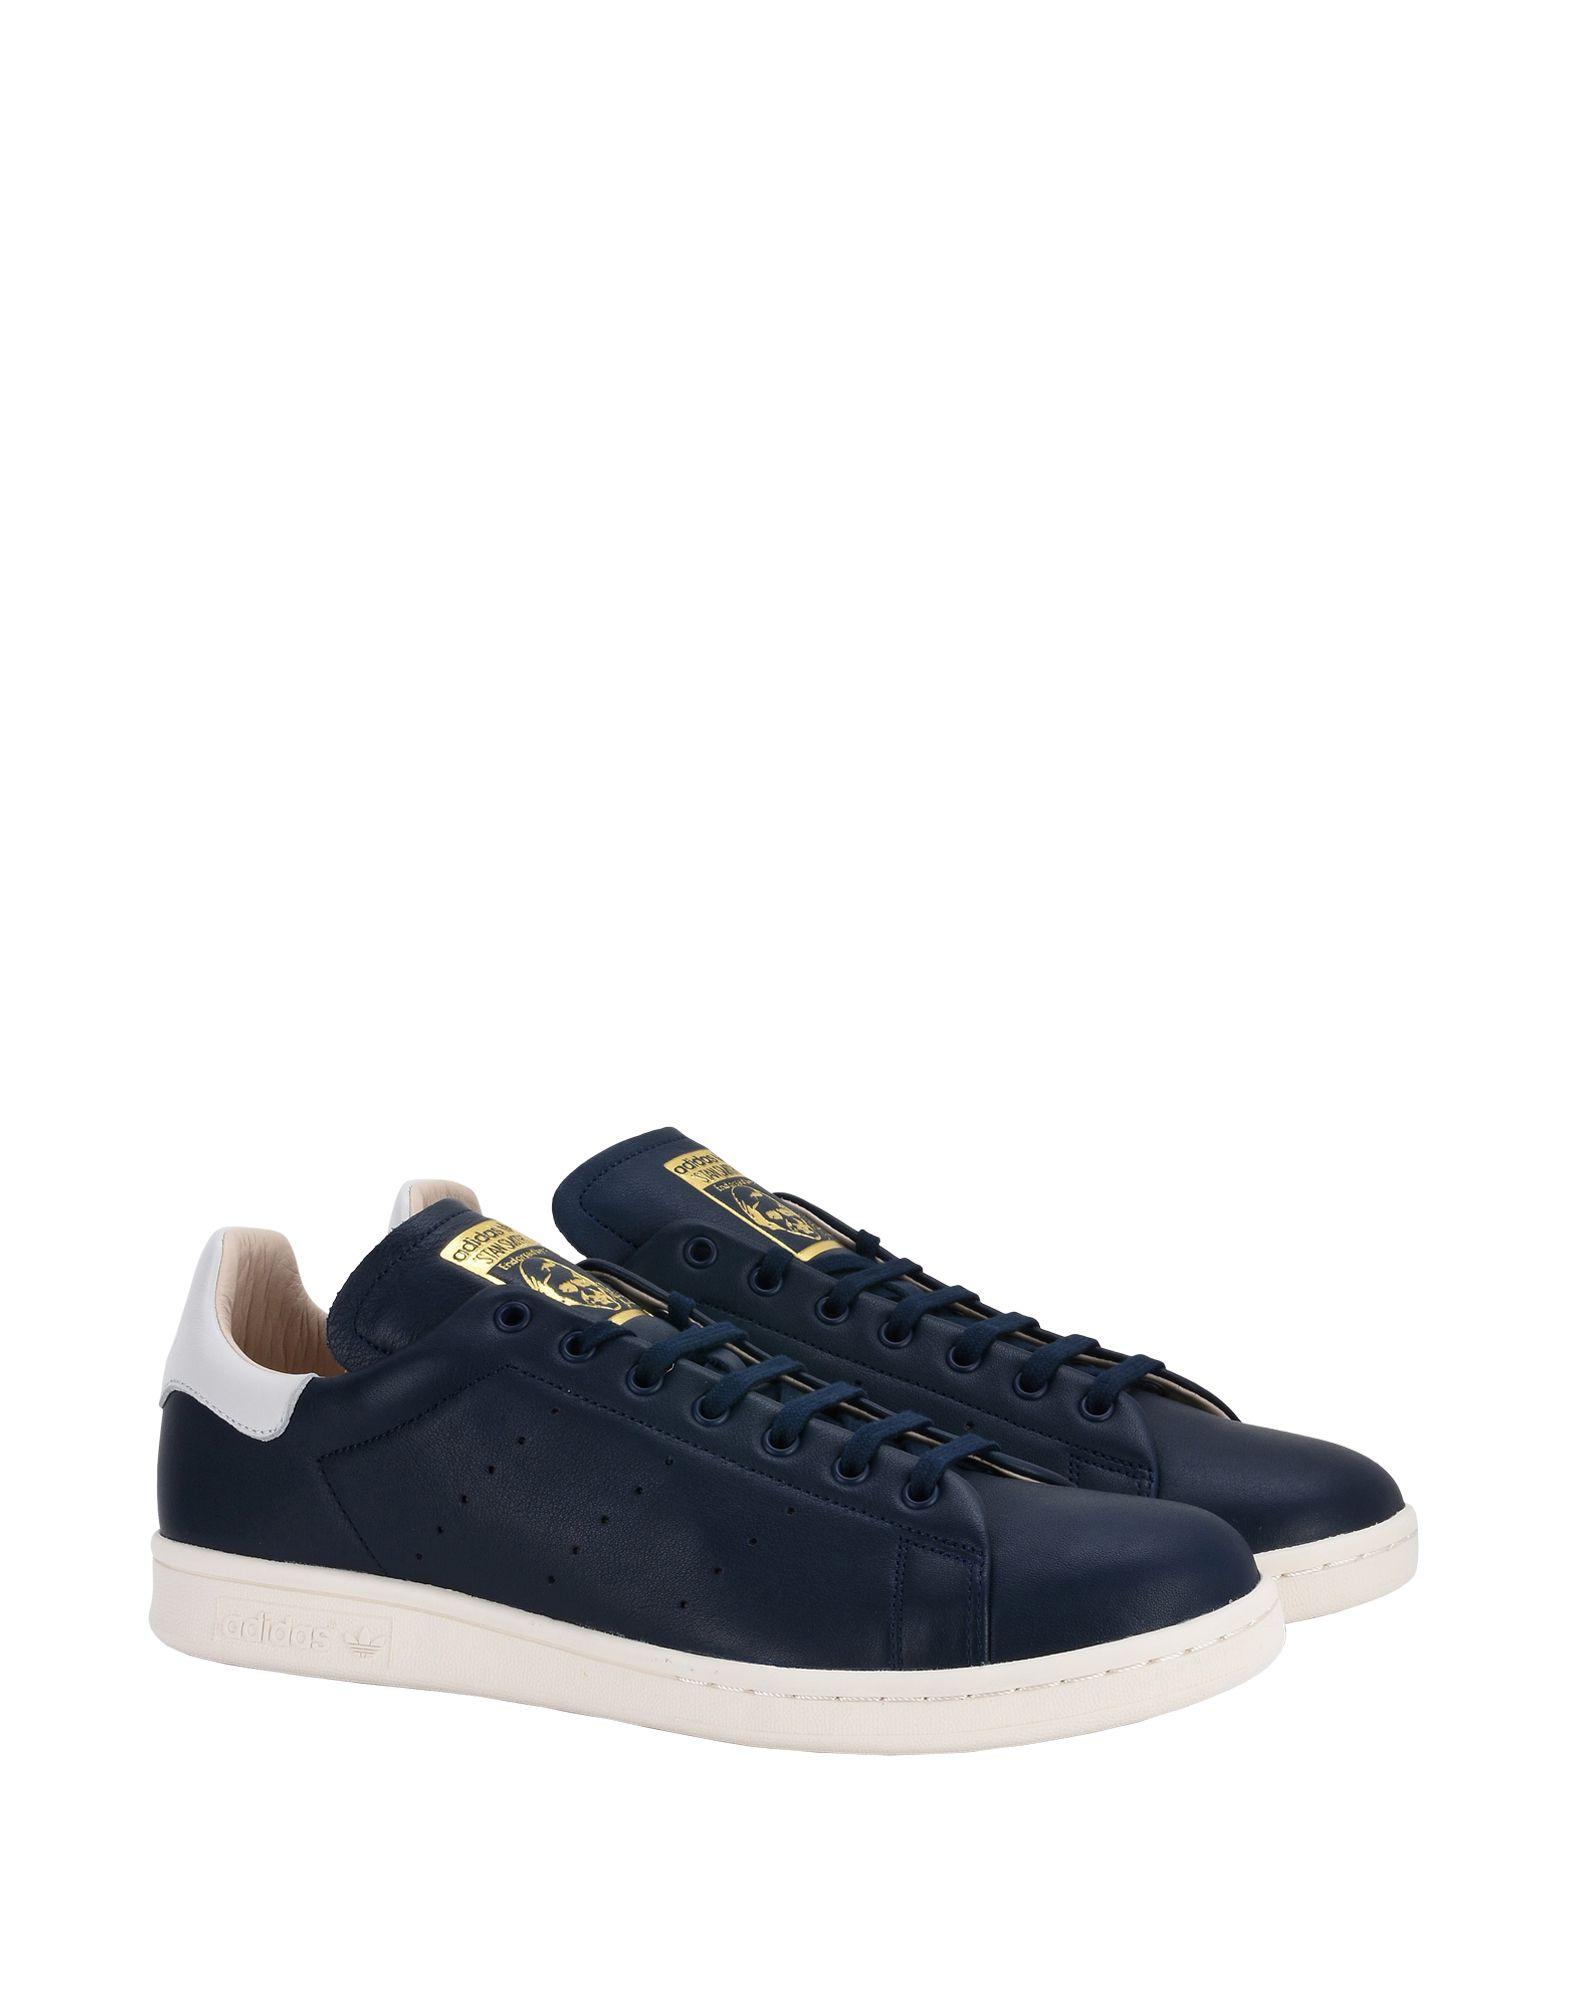 Sneakers Adidas Originals Stan Smith Recon - Homme - Sneakers Adidas Originals sur